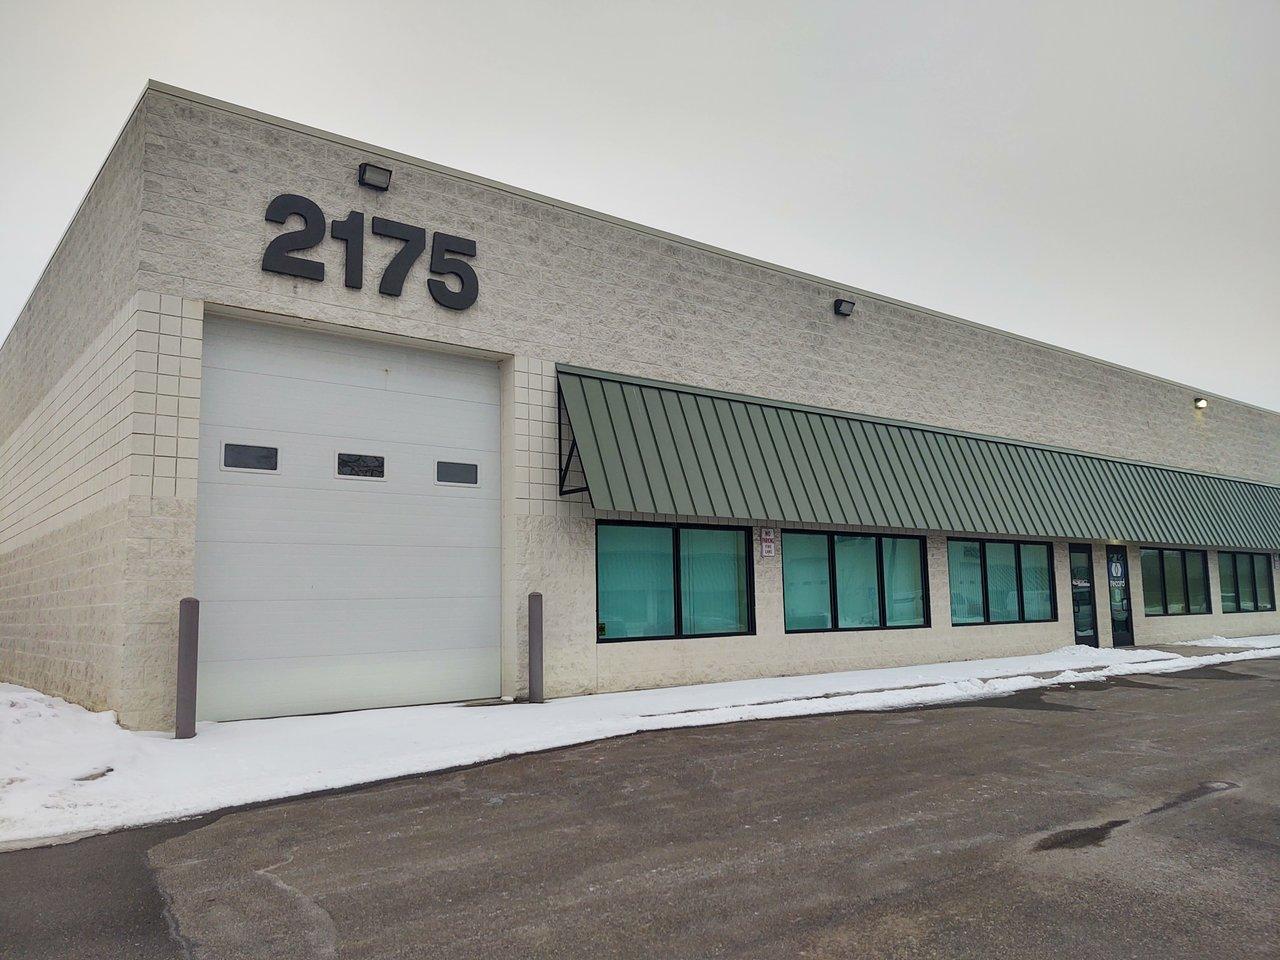 2175 Pontiac rd, Auburn Hills, MI, 48326